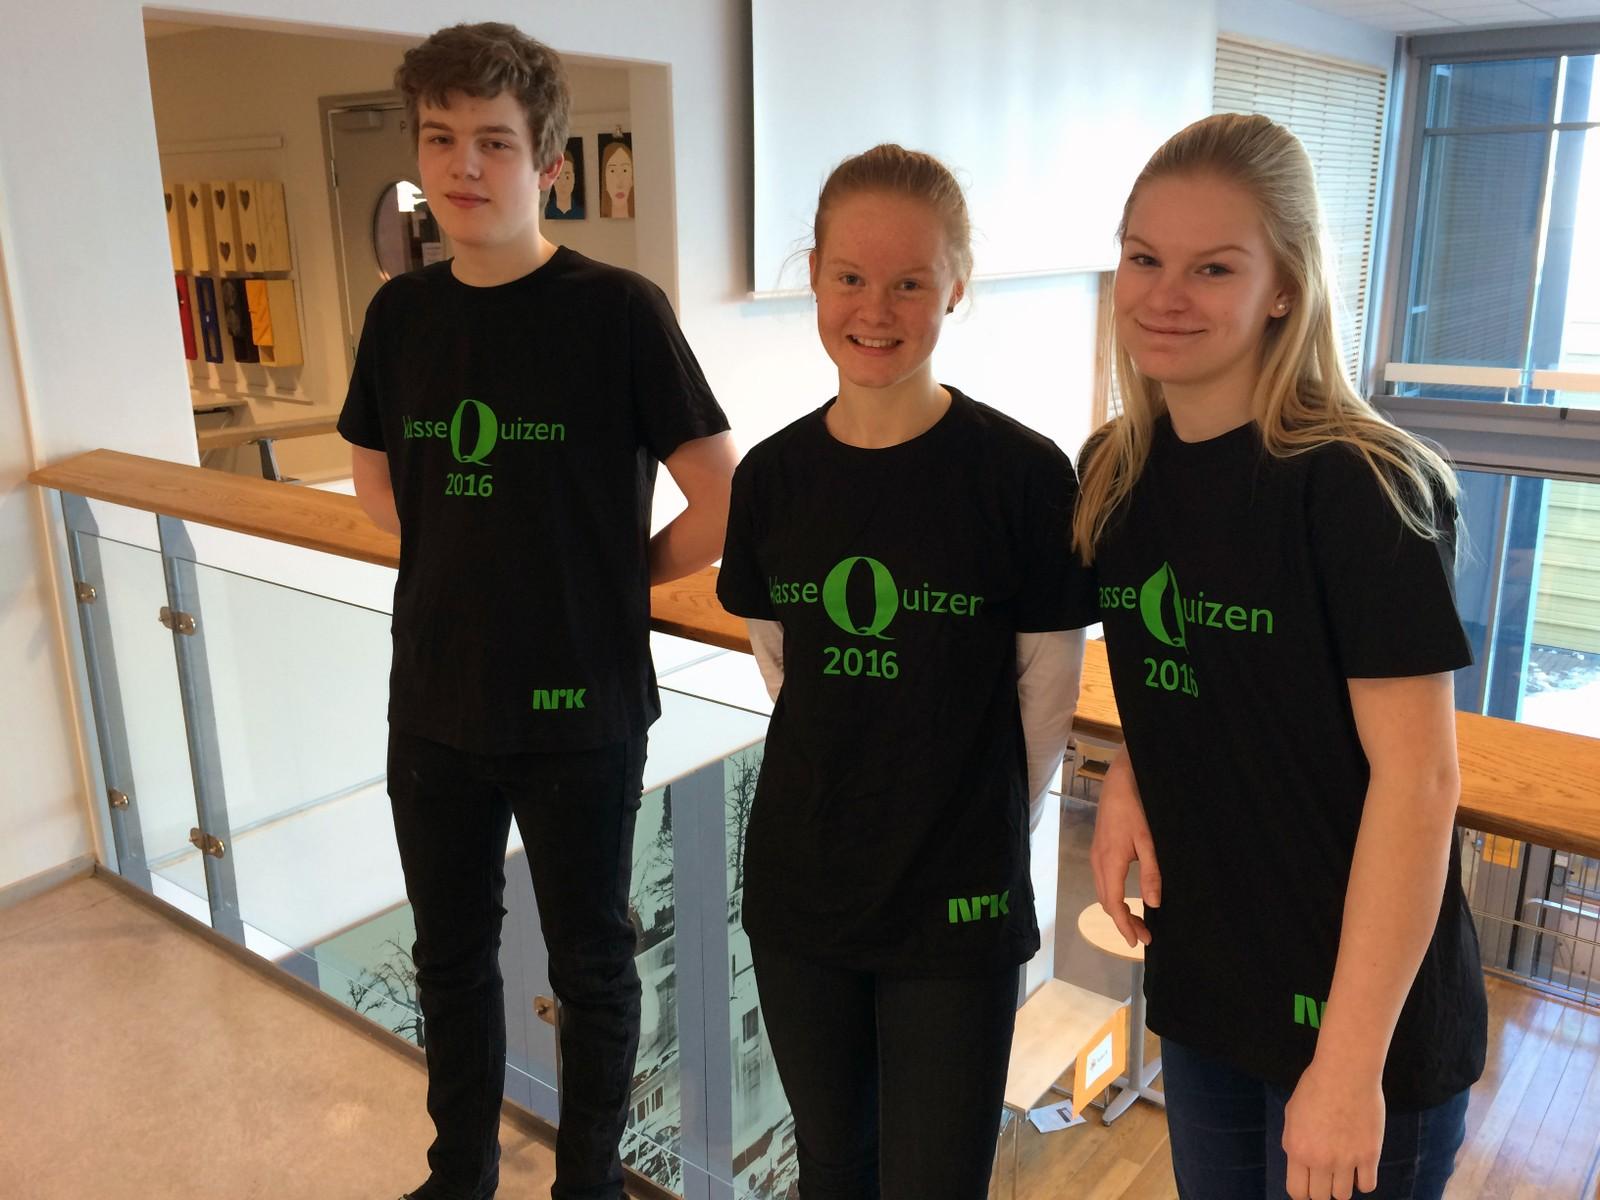 Even Svensson, Karen Elise Fridtjofsen og Ida Linde fra Charlottenlund skole fikk 8 poeng.